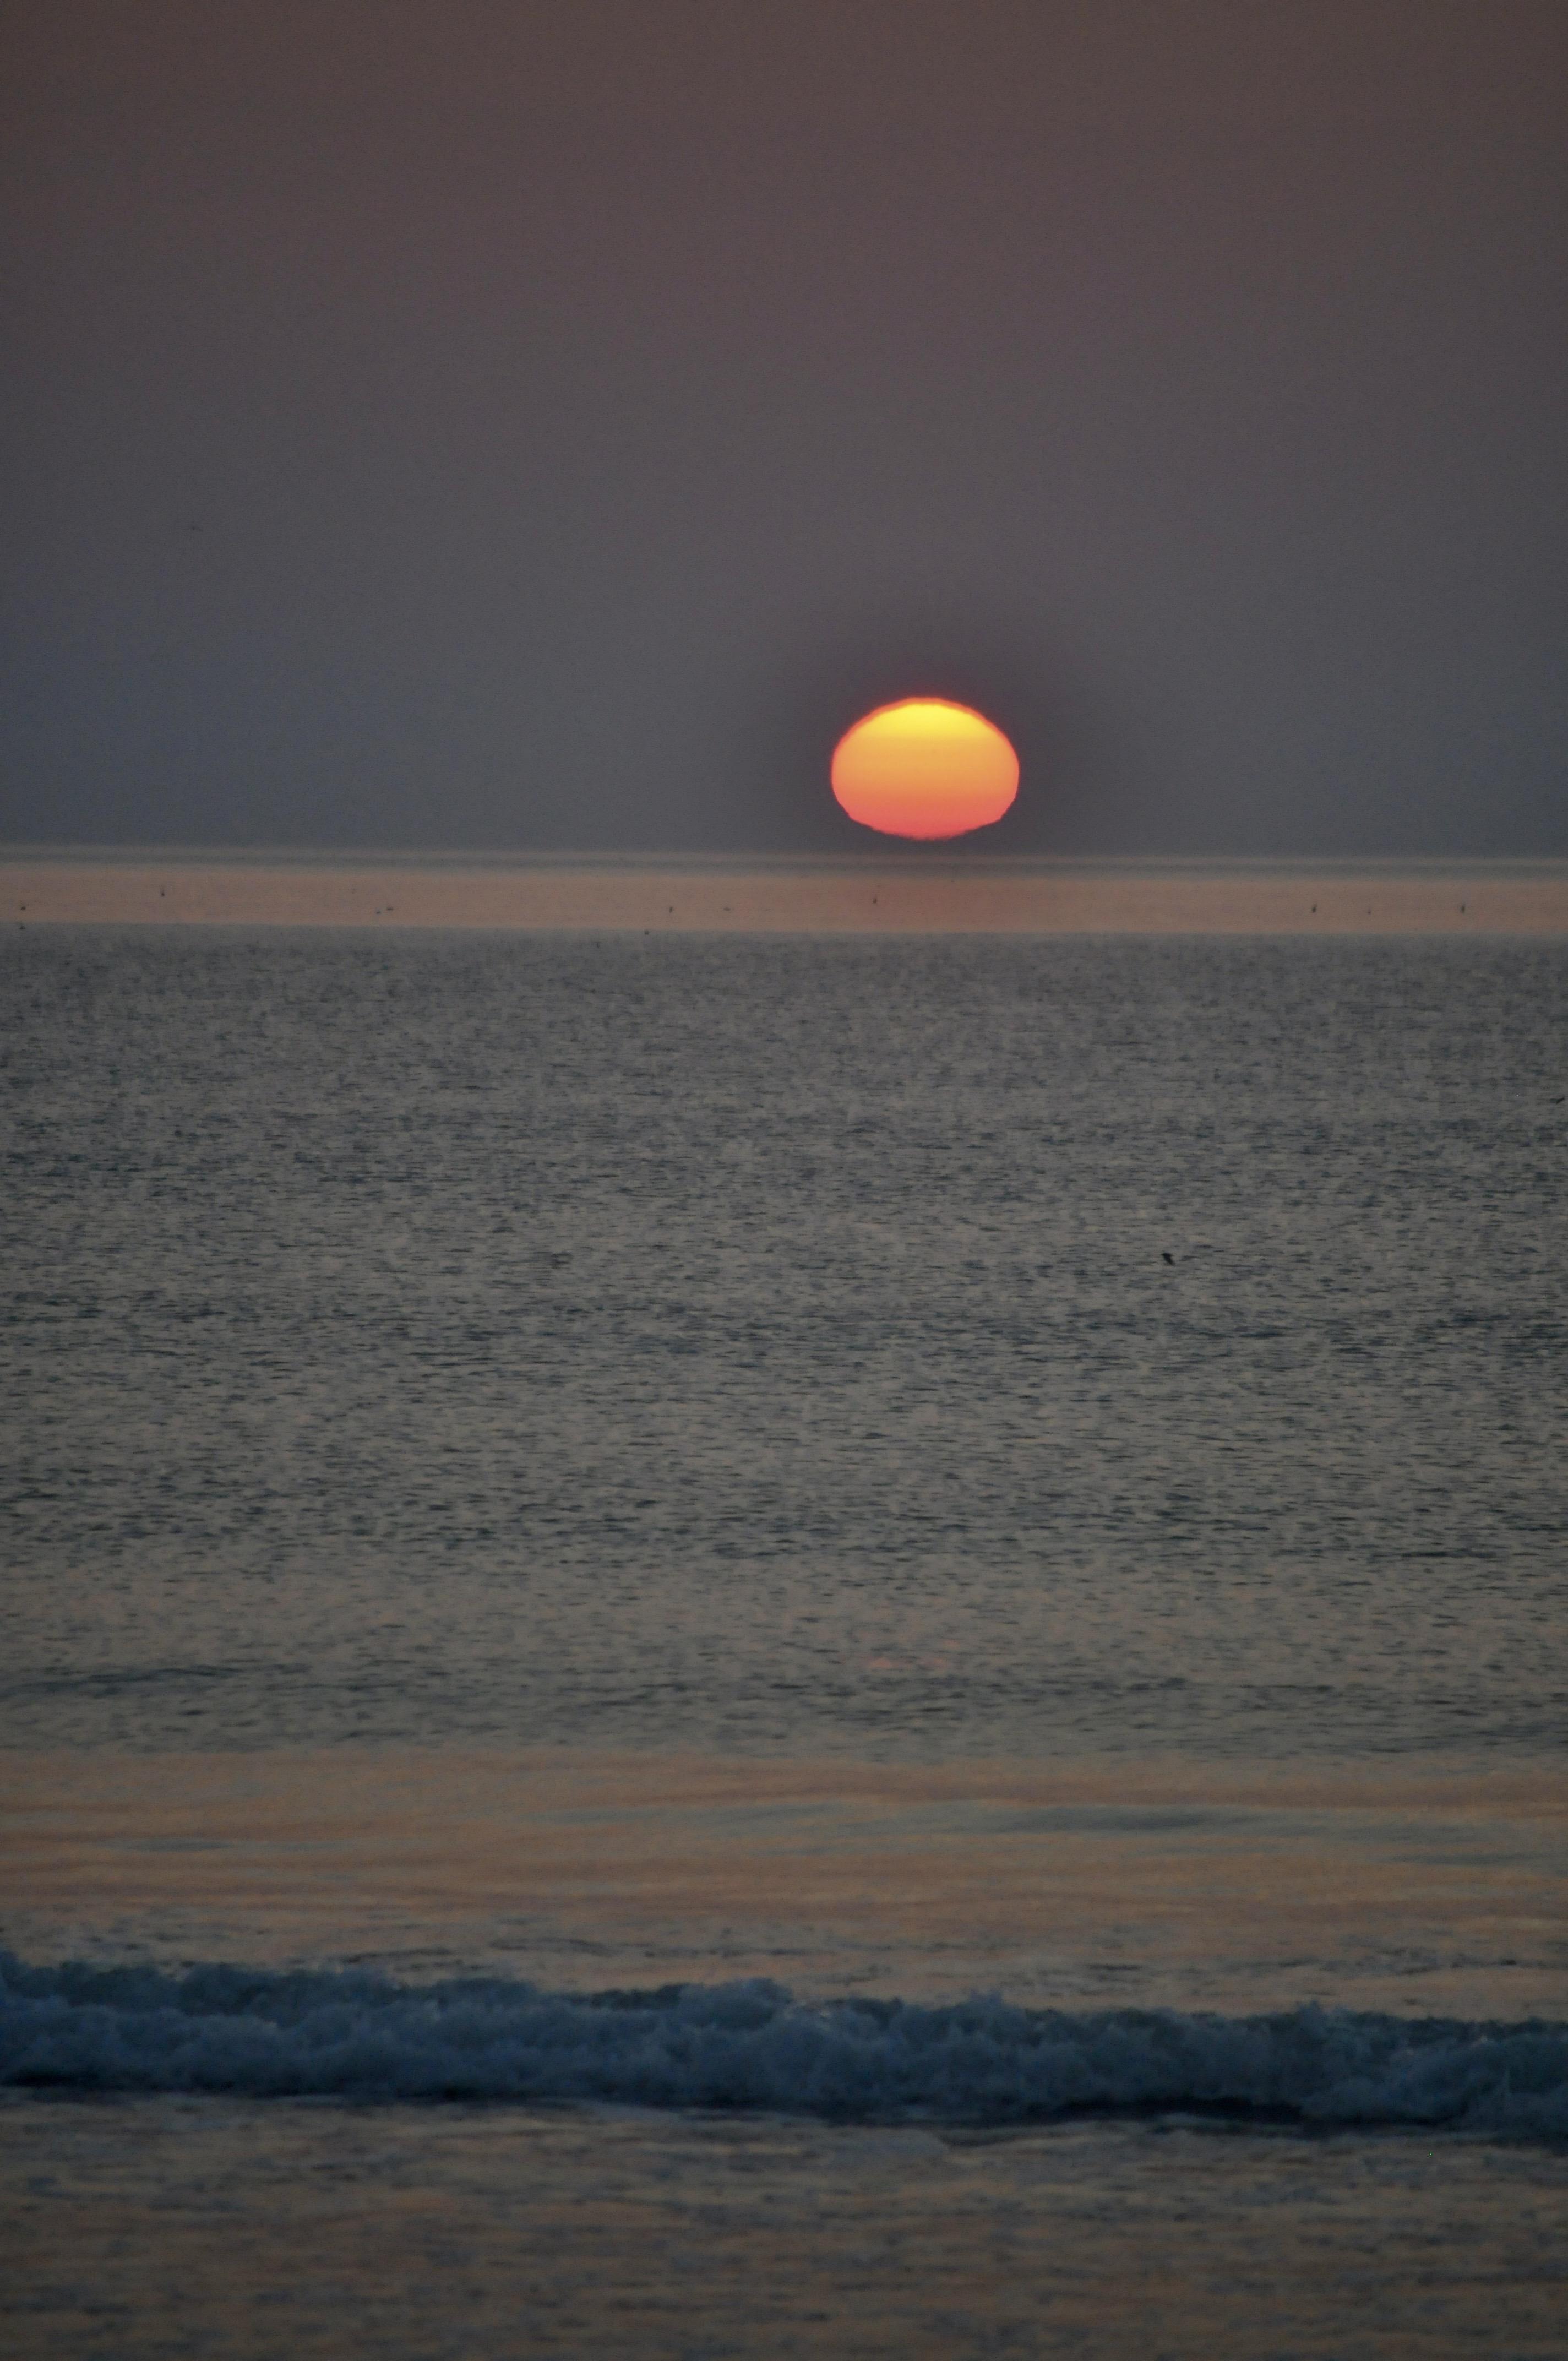 2017-08-21 - Salisubry Beach Sunrise